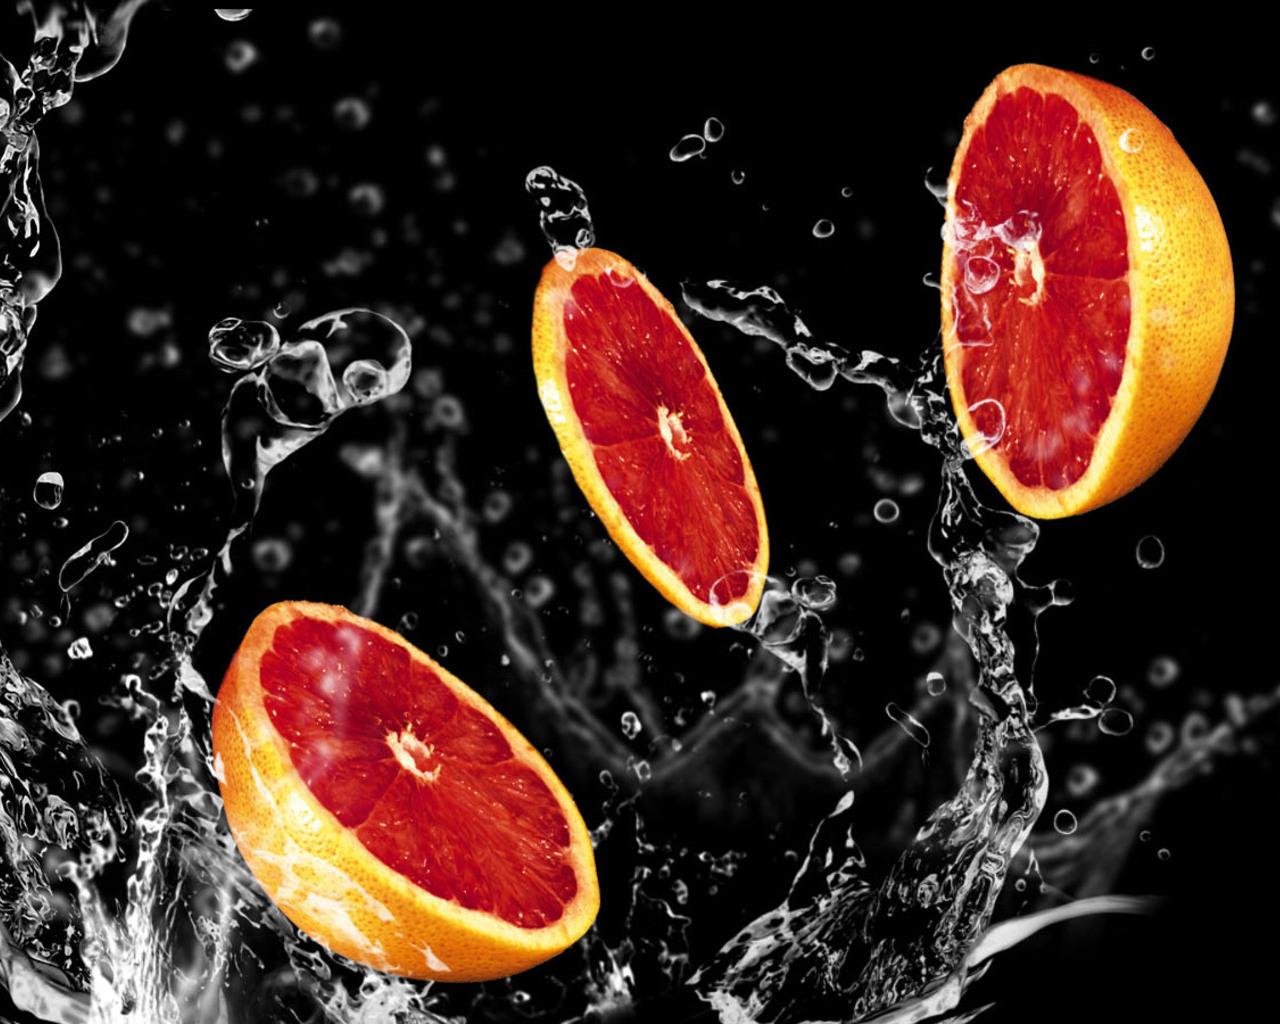 разрезанный красный апельсин, фото, обои, скачать, для рабочего стола